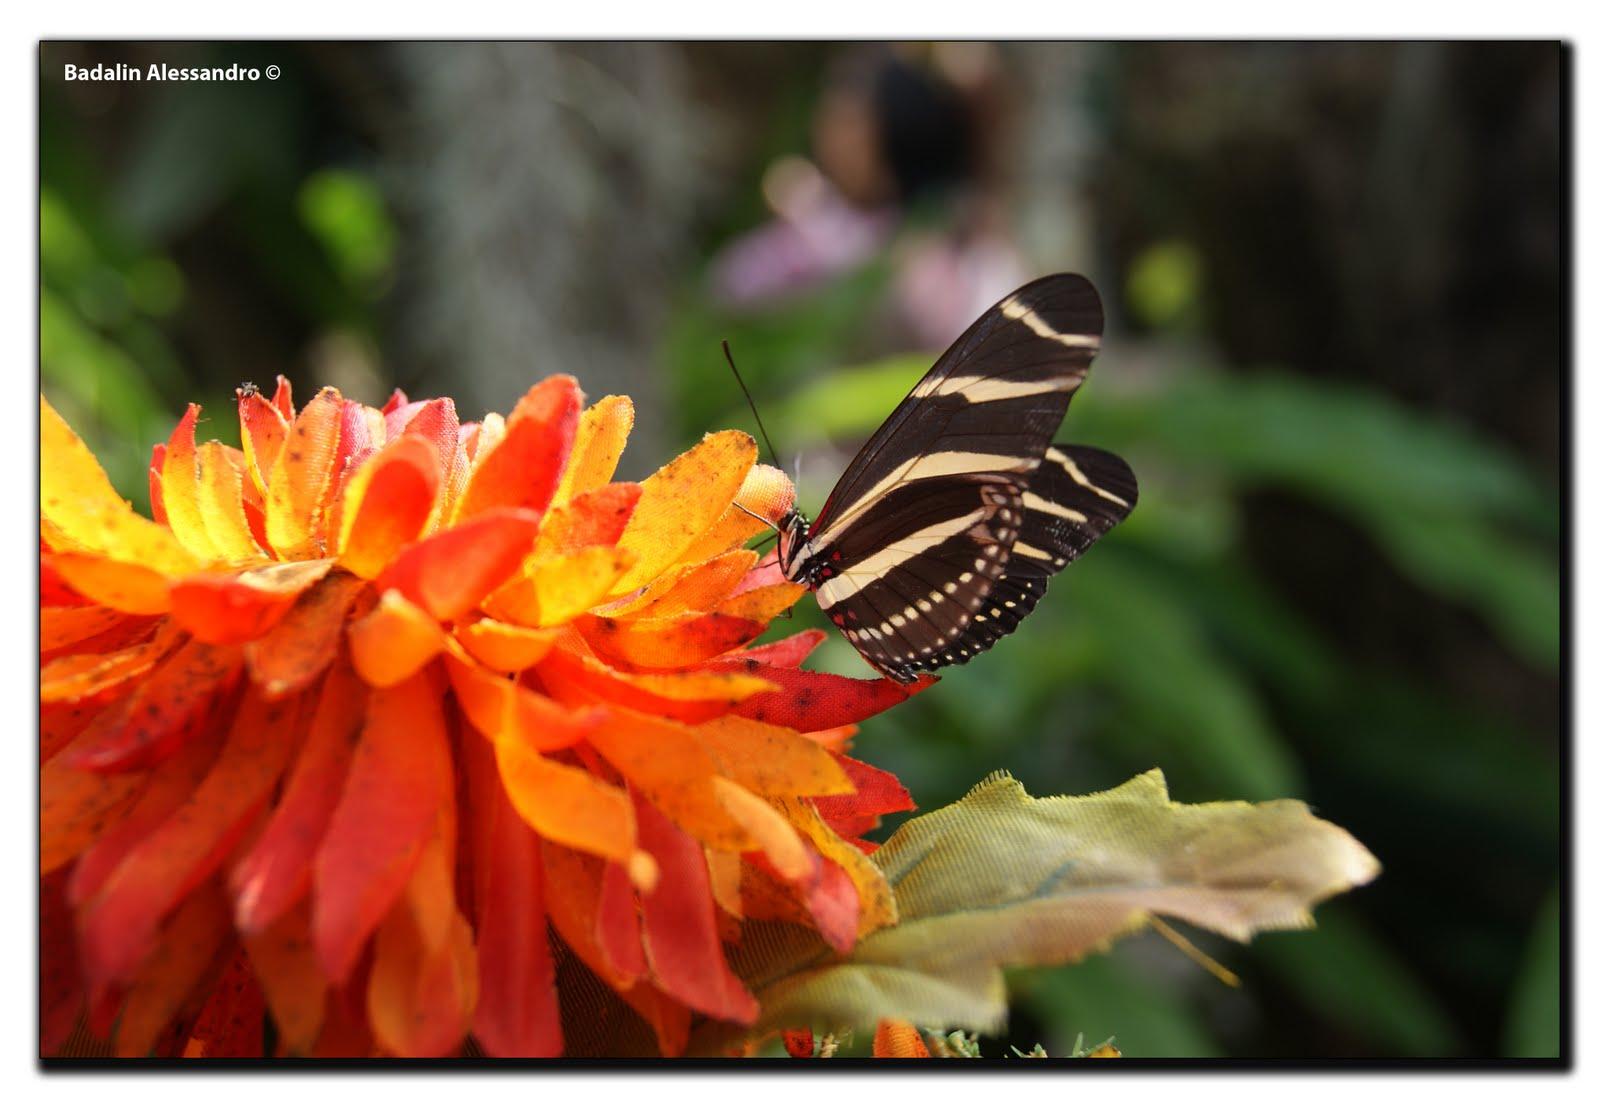 Tutto sulla natura farfalle for Immagini farfalle per desktop